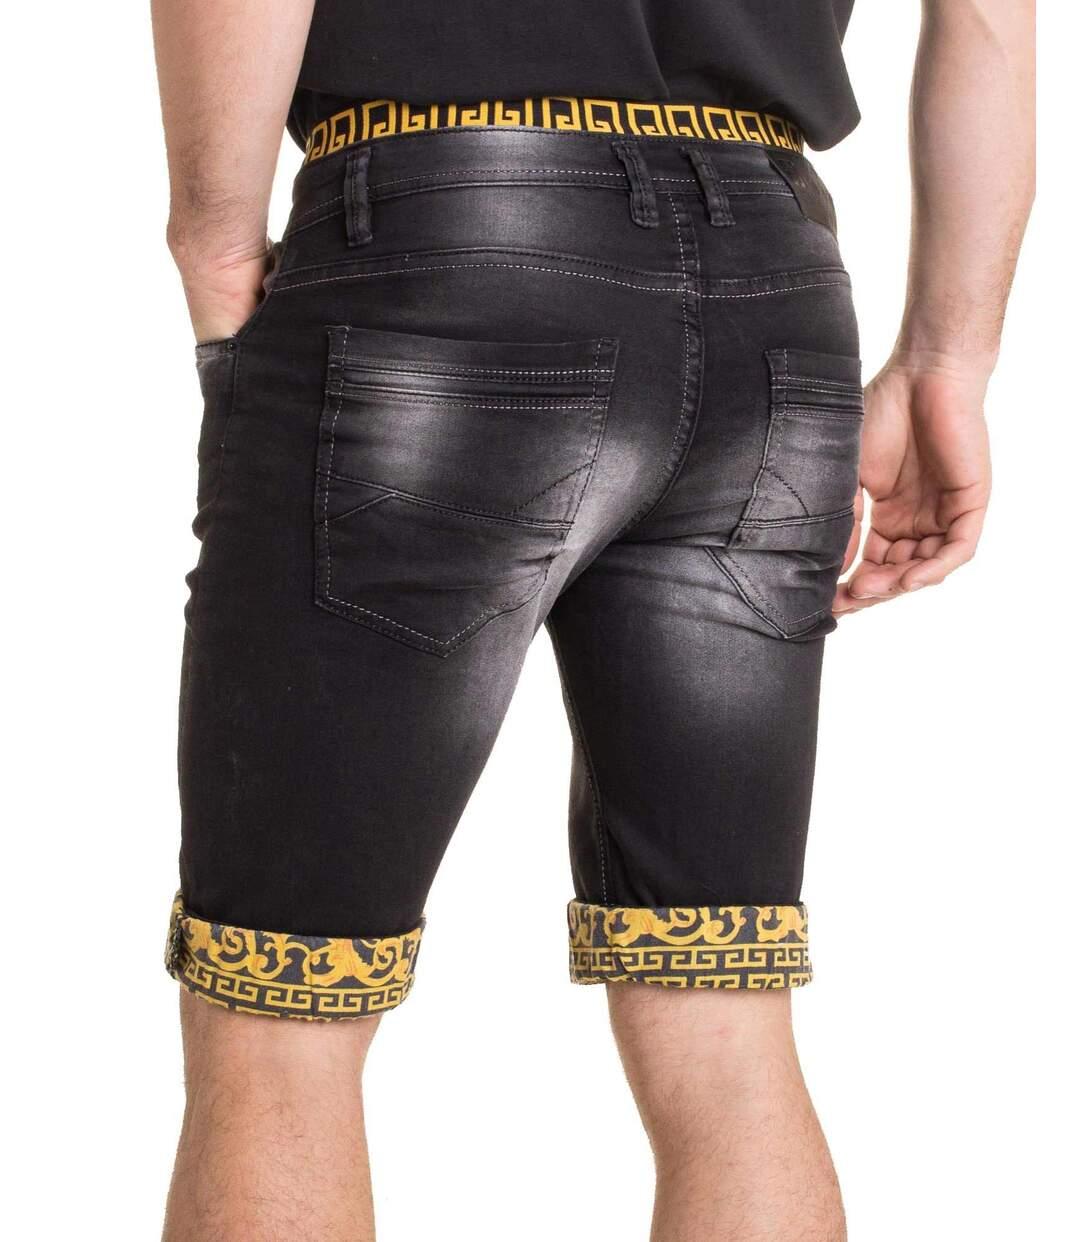 Bermuda short homme en jean noir délavé revers